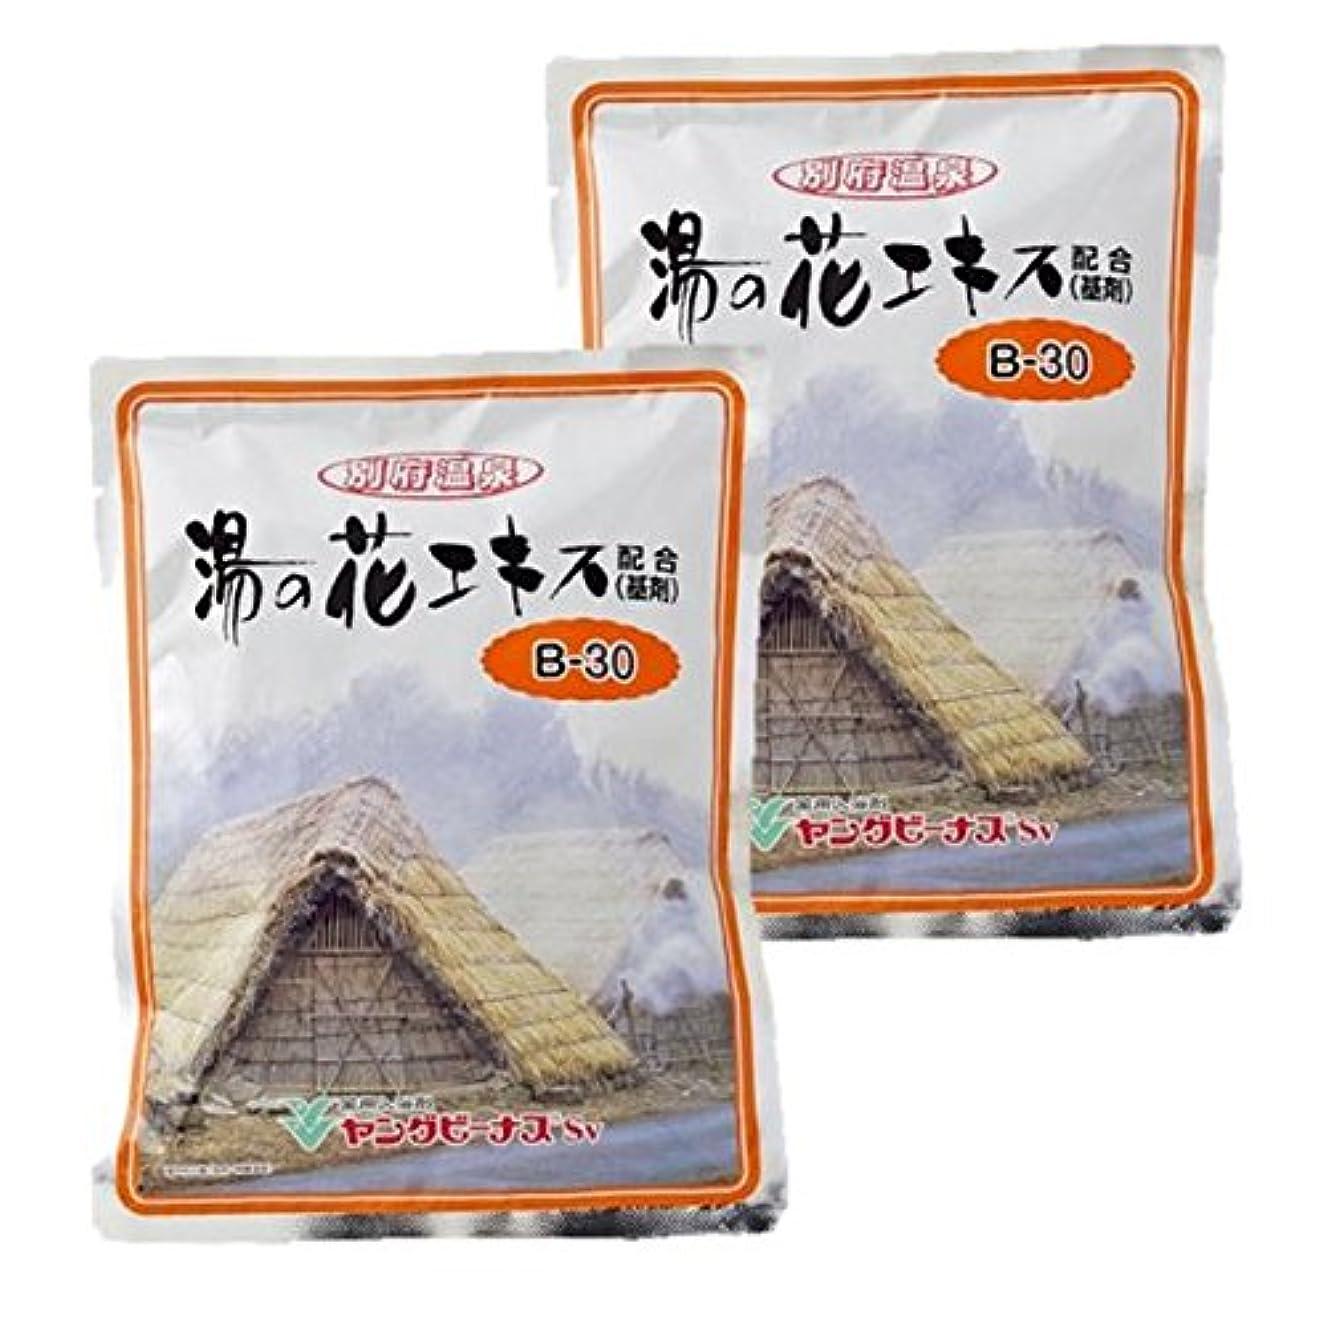 ブラザー好きである雑種別府温泉 ヤングビーナスSv(エスブイ) B-30 詰替 2700g 2個セット